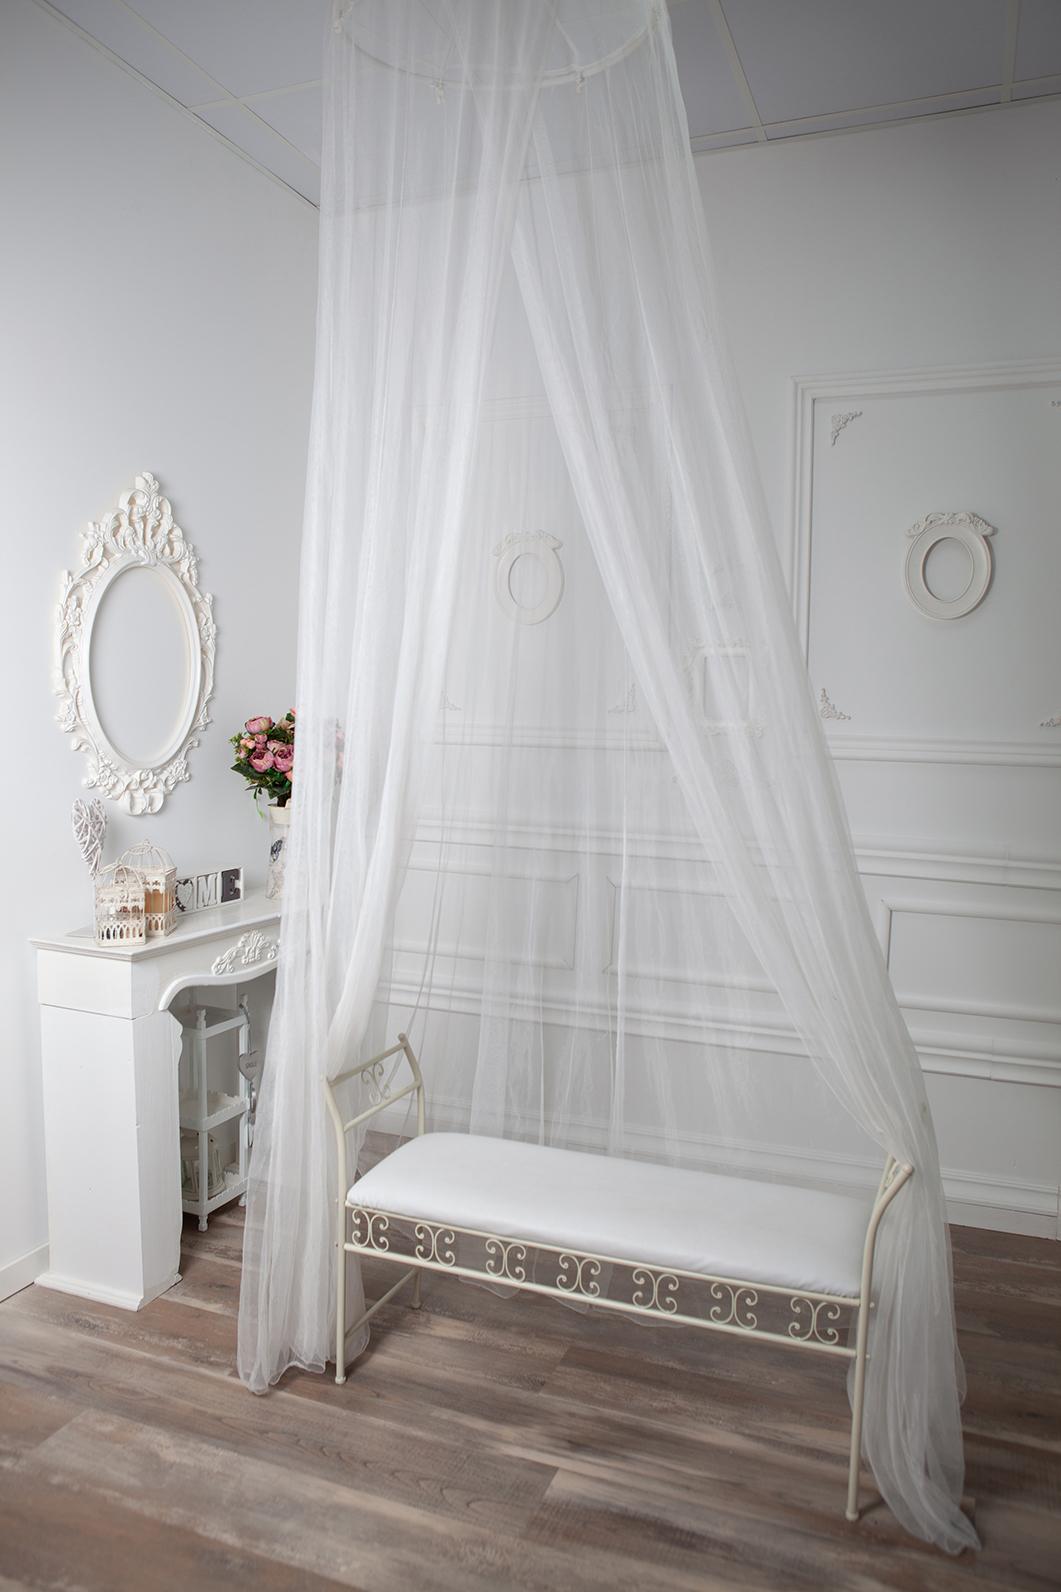 decorado-romantico-tul-bjfotografia